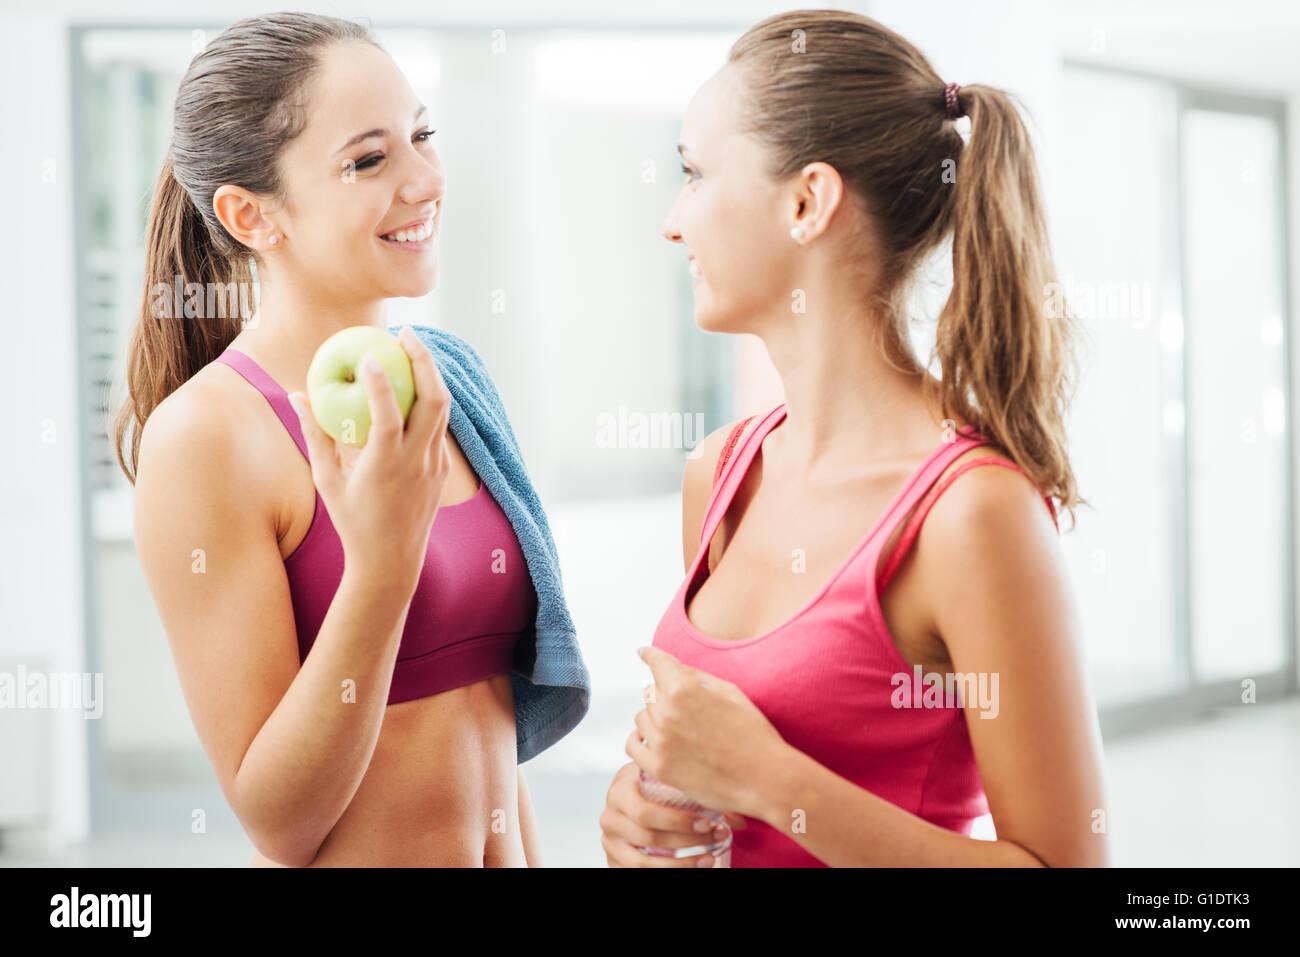 Belles jeunes filles dans la salle de sport jouissant et parler ensemble pendant une séance de pause, l'un Photo Stock